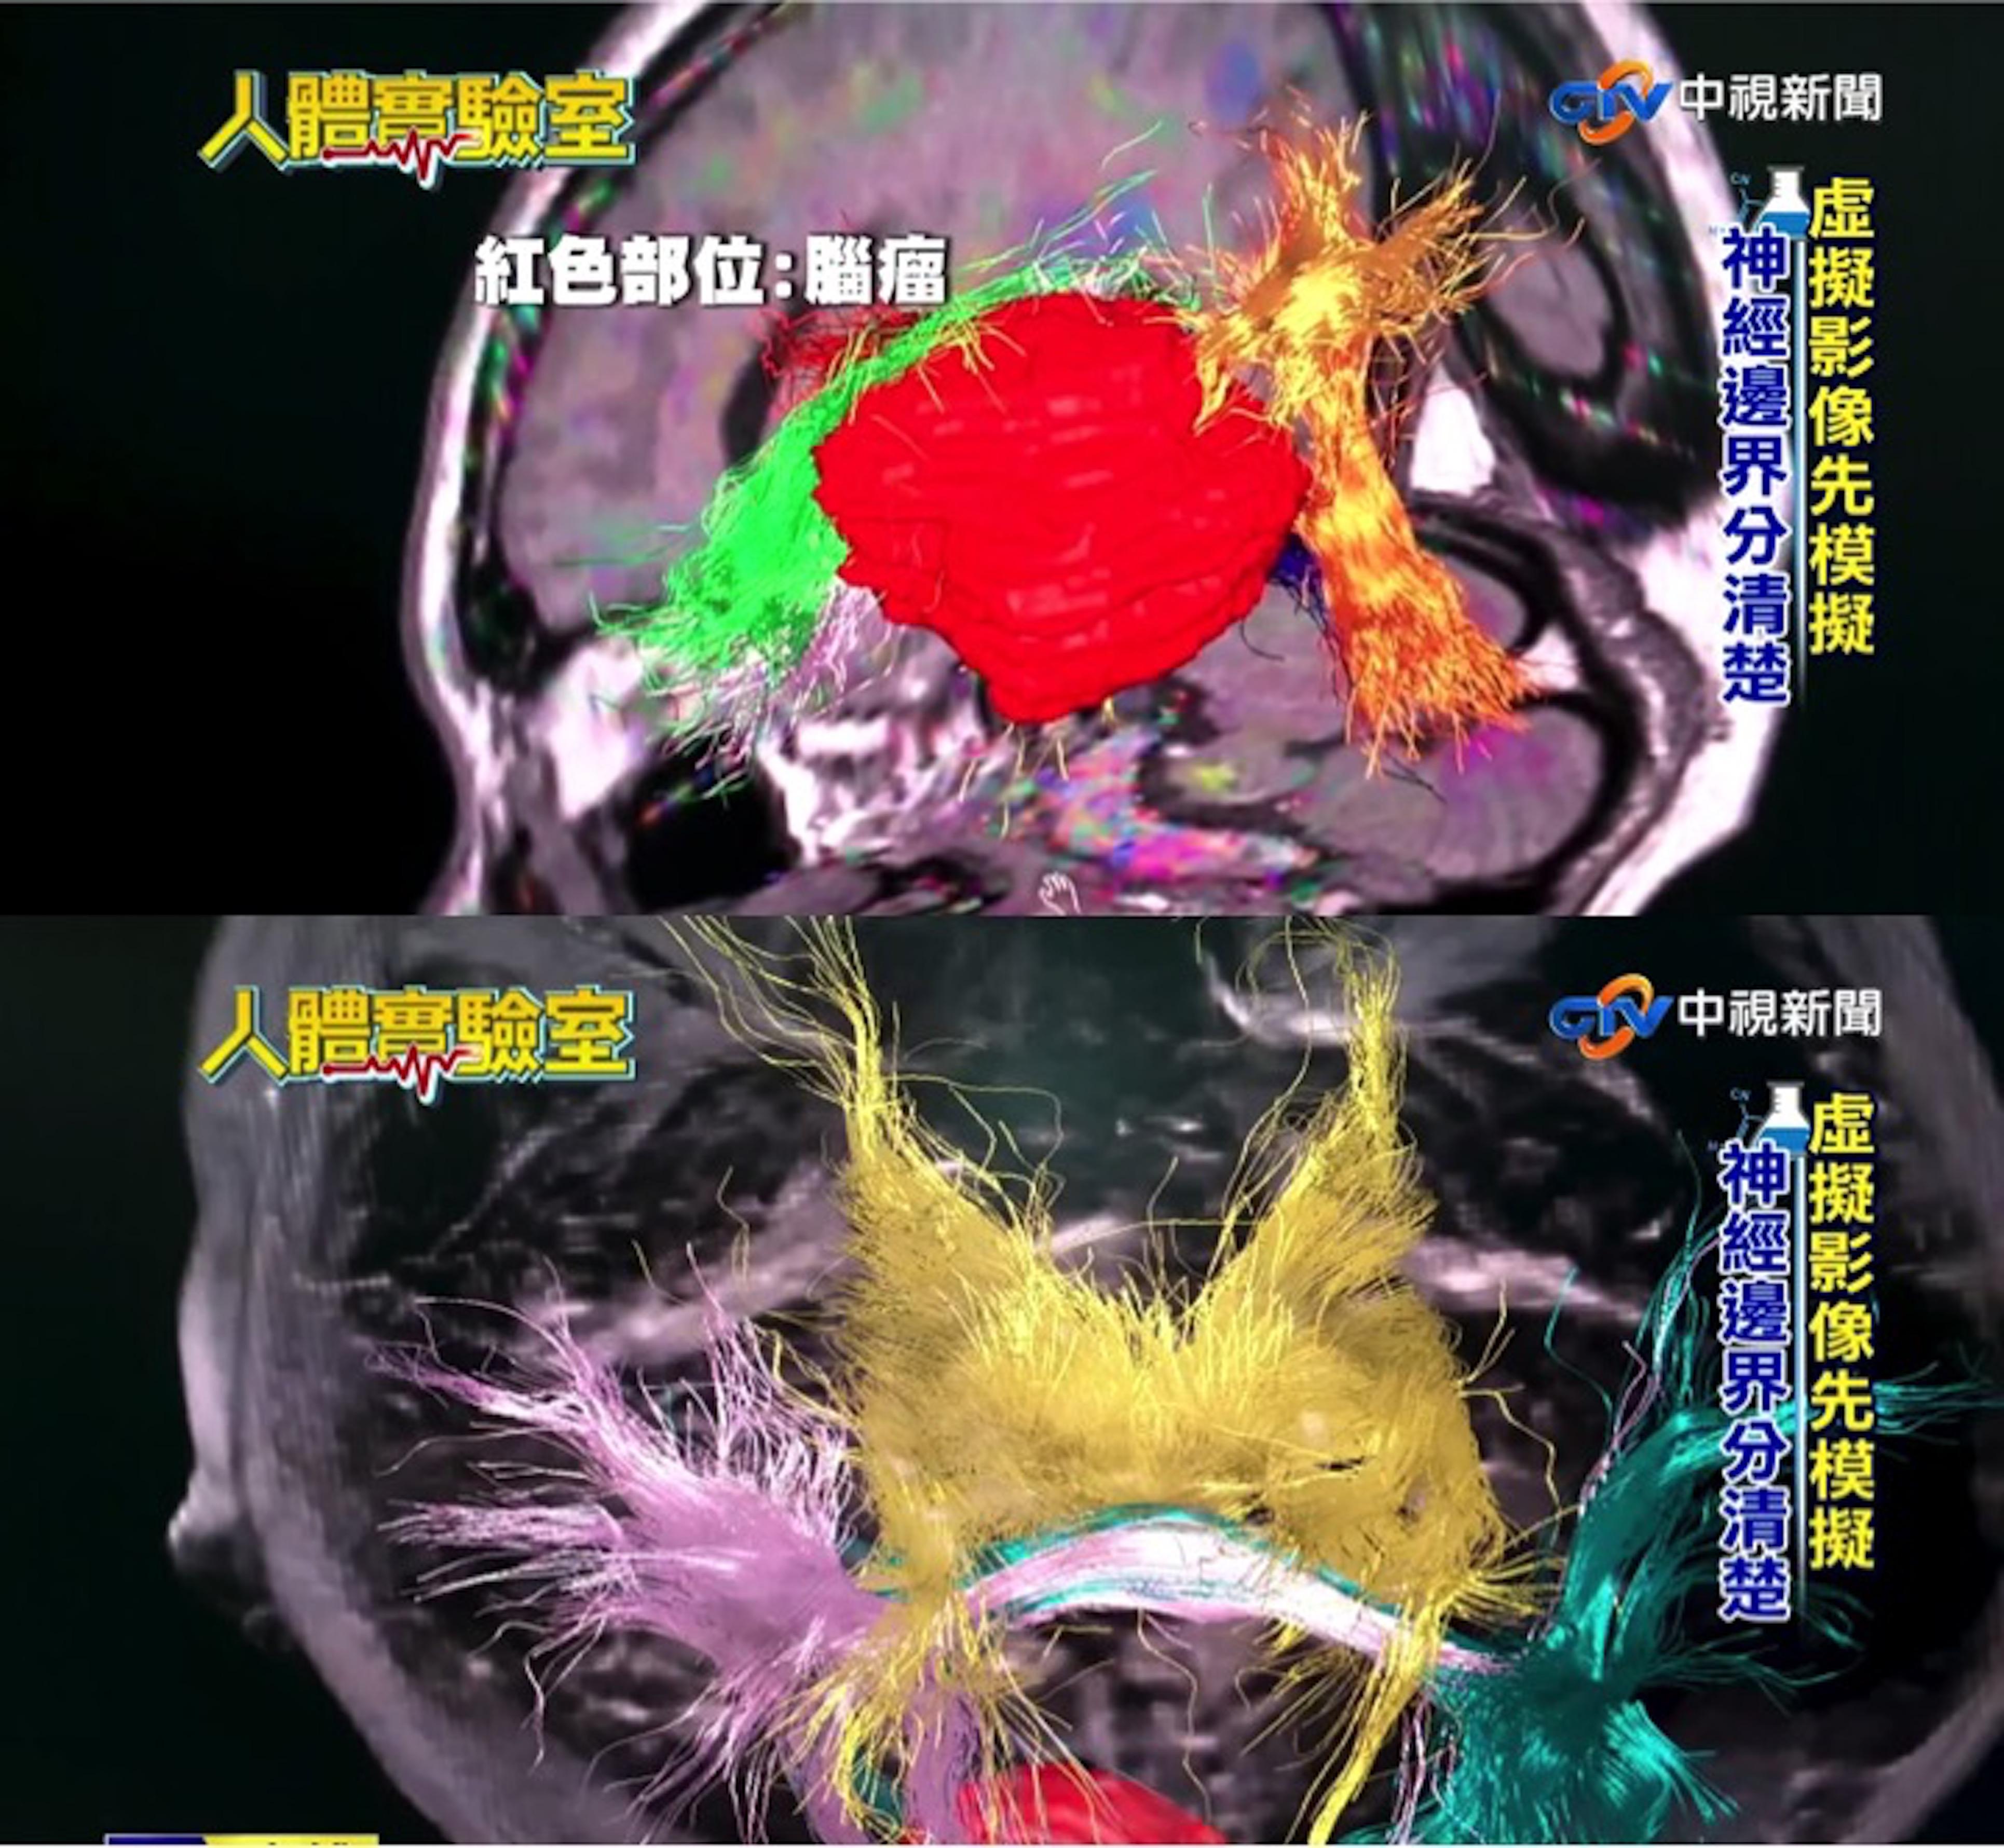 藉由電腦運算將虛擬神經模擬(其他顏色)與病兆(如紅色腫瘤)邊界做清楚分別